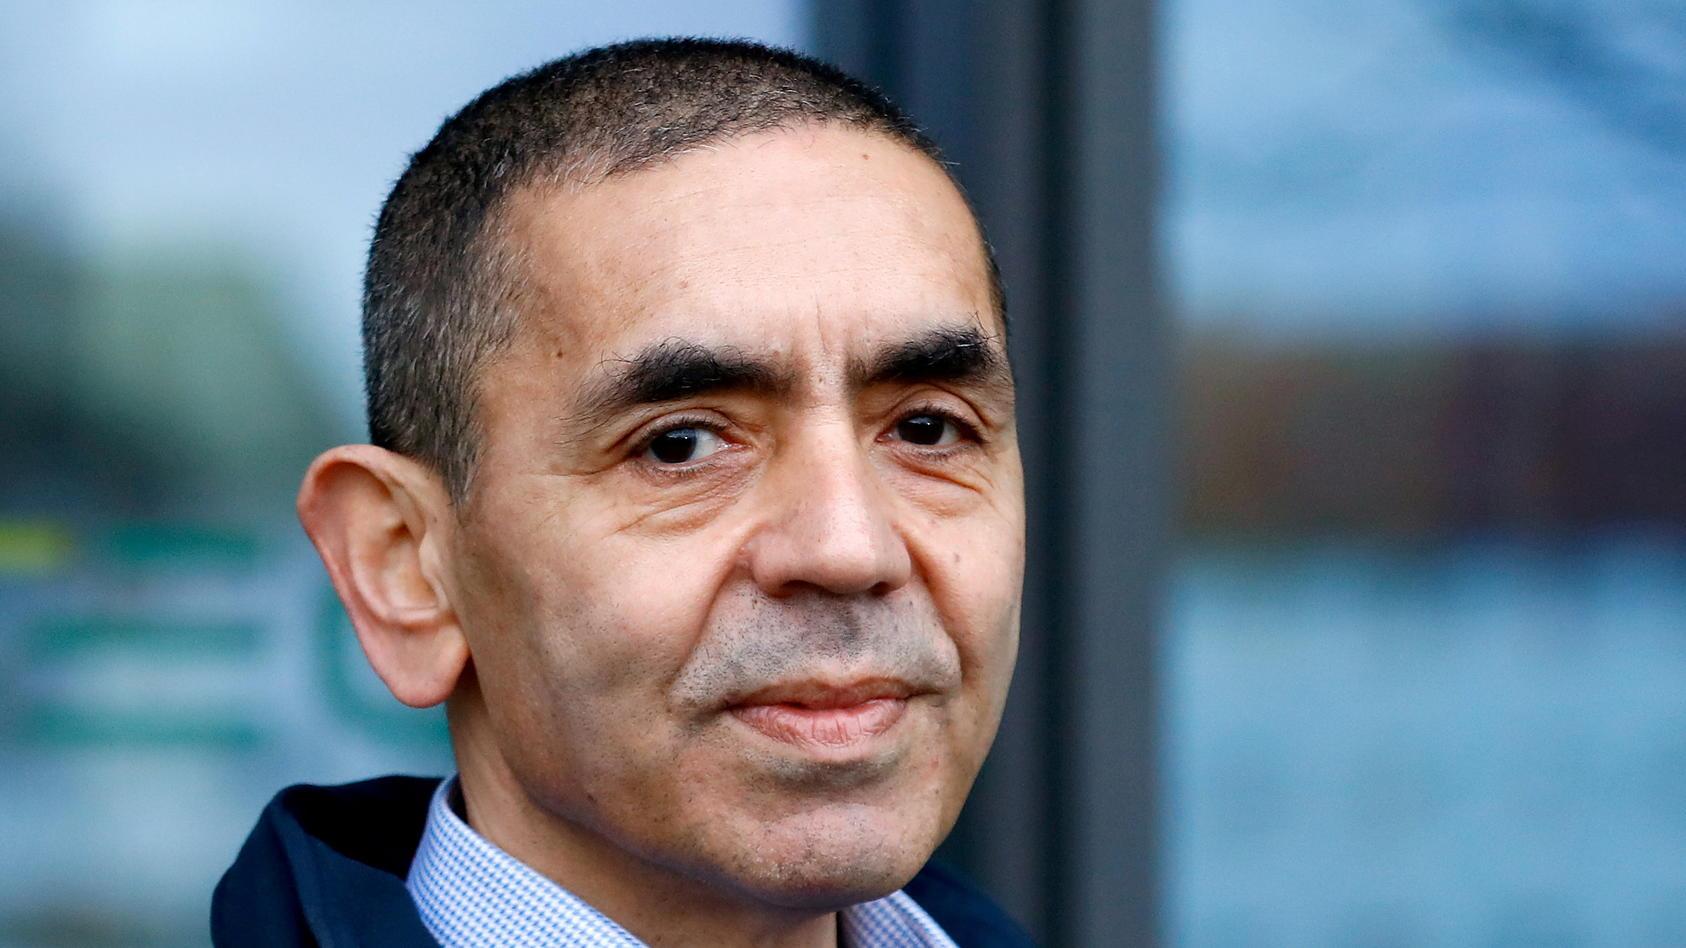 Biontech-Chef Uğur Şahin macht Hoffnung auf eine baldige Herdenimmunität.